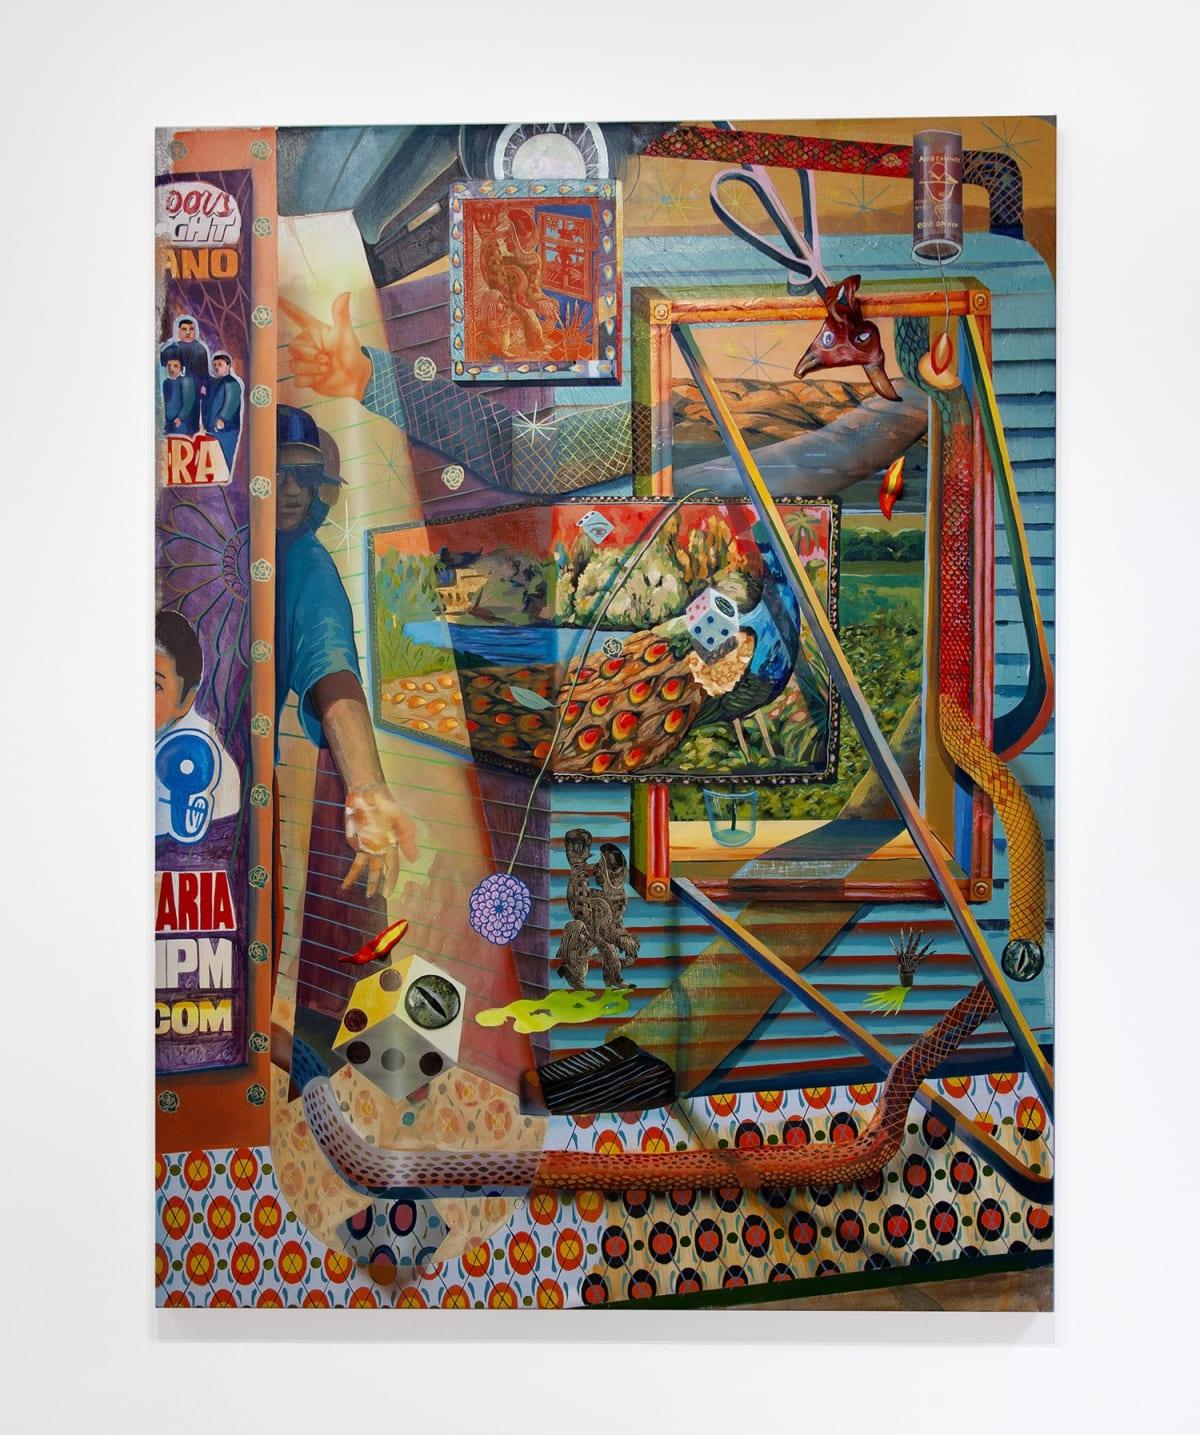 Jose de Jesus Rodriguez Satanas anda por todos lados, pues cuídate guey, 2018 Oil, acrylic, airbrush, relief print and epoxy on canvas 67 x 50 inches